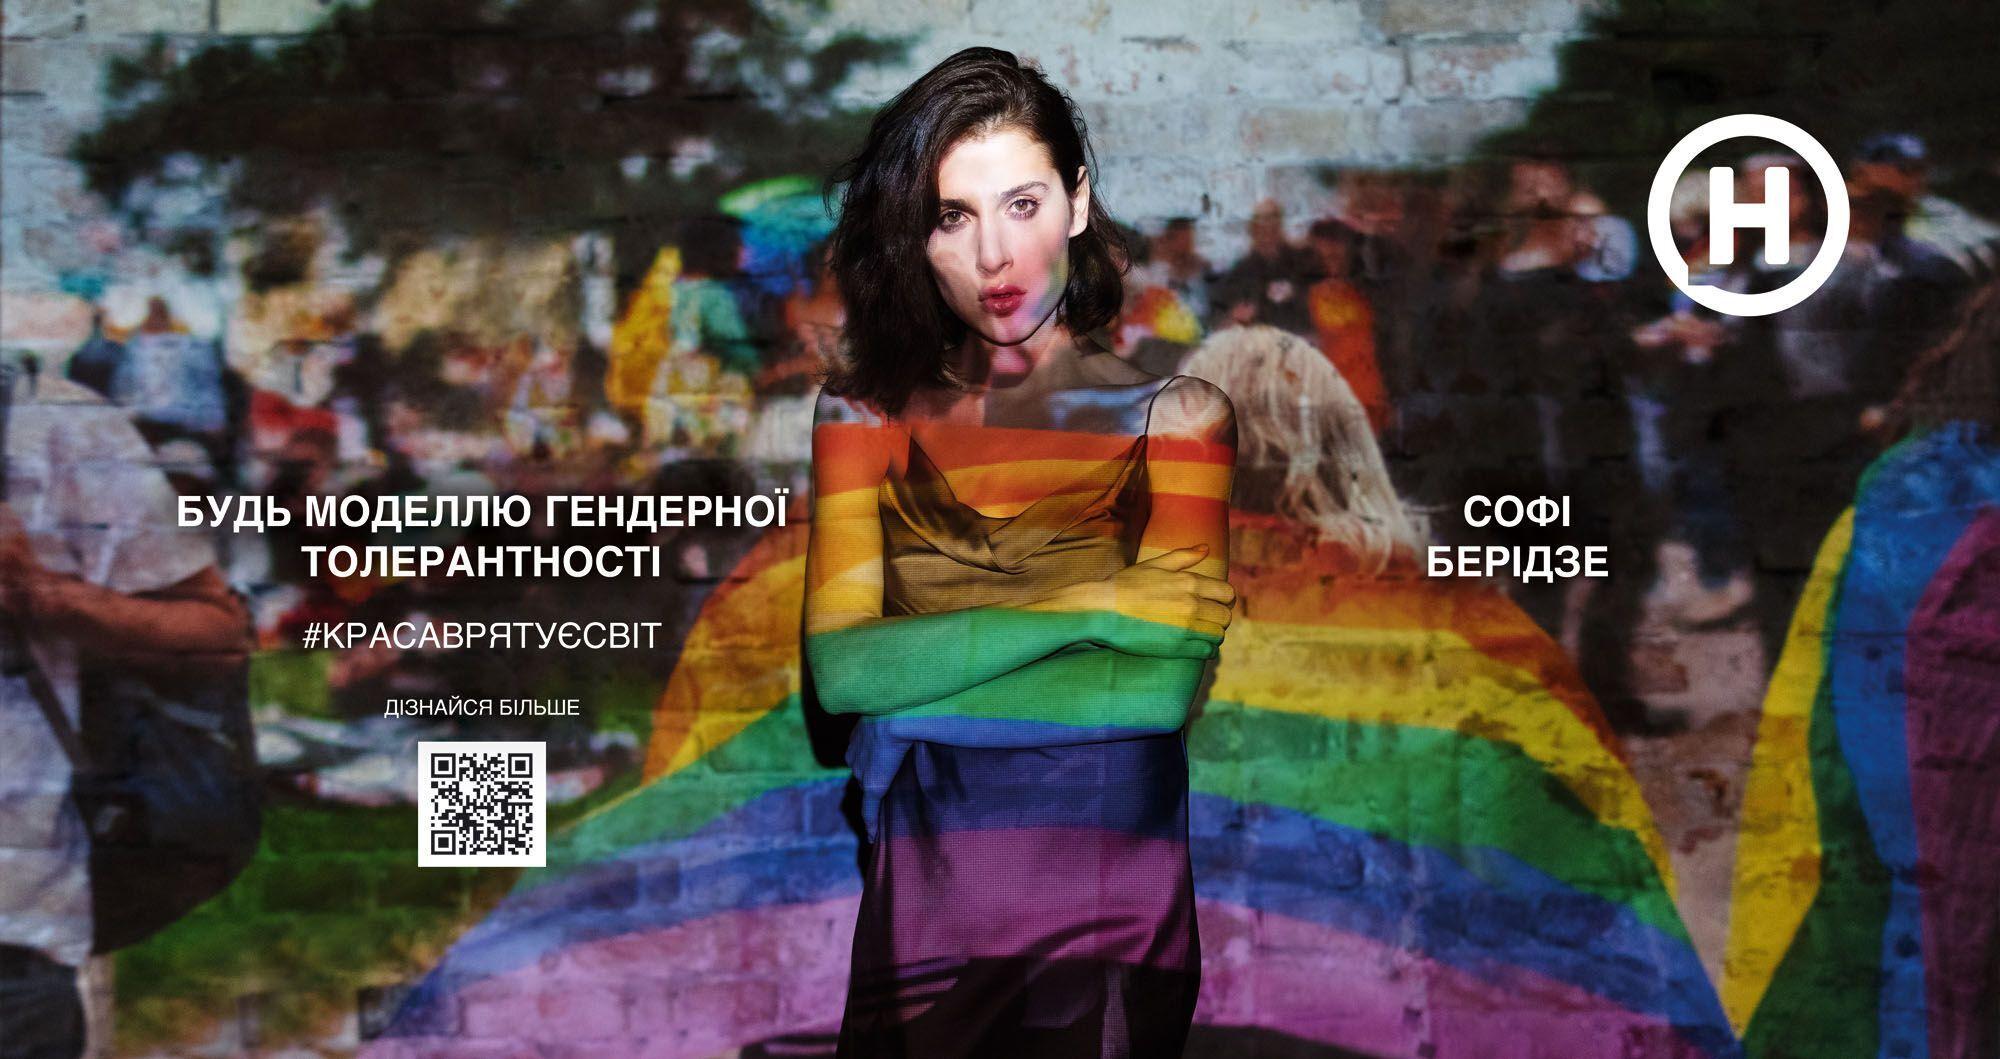 """Софі Берідзе з """"Супер Топ-модель по-українськи"""""""